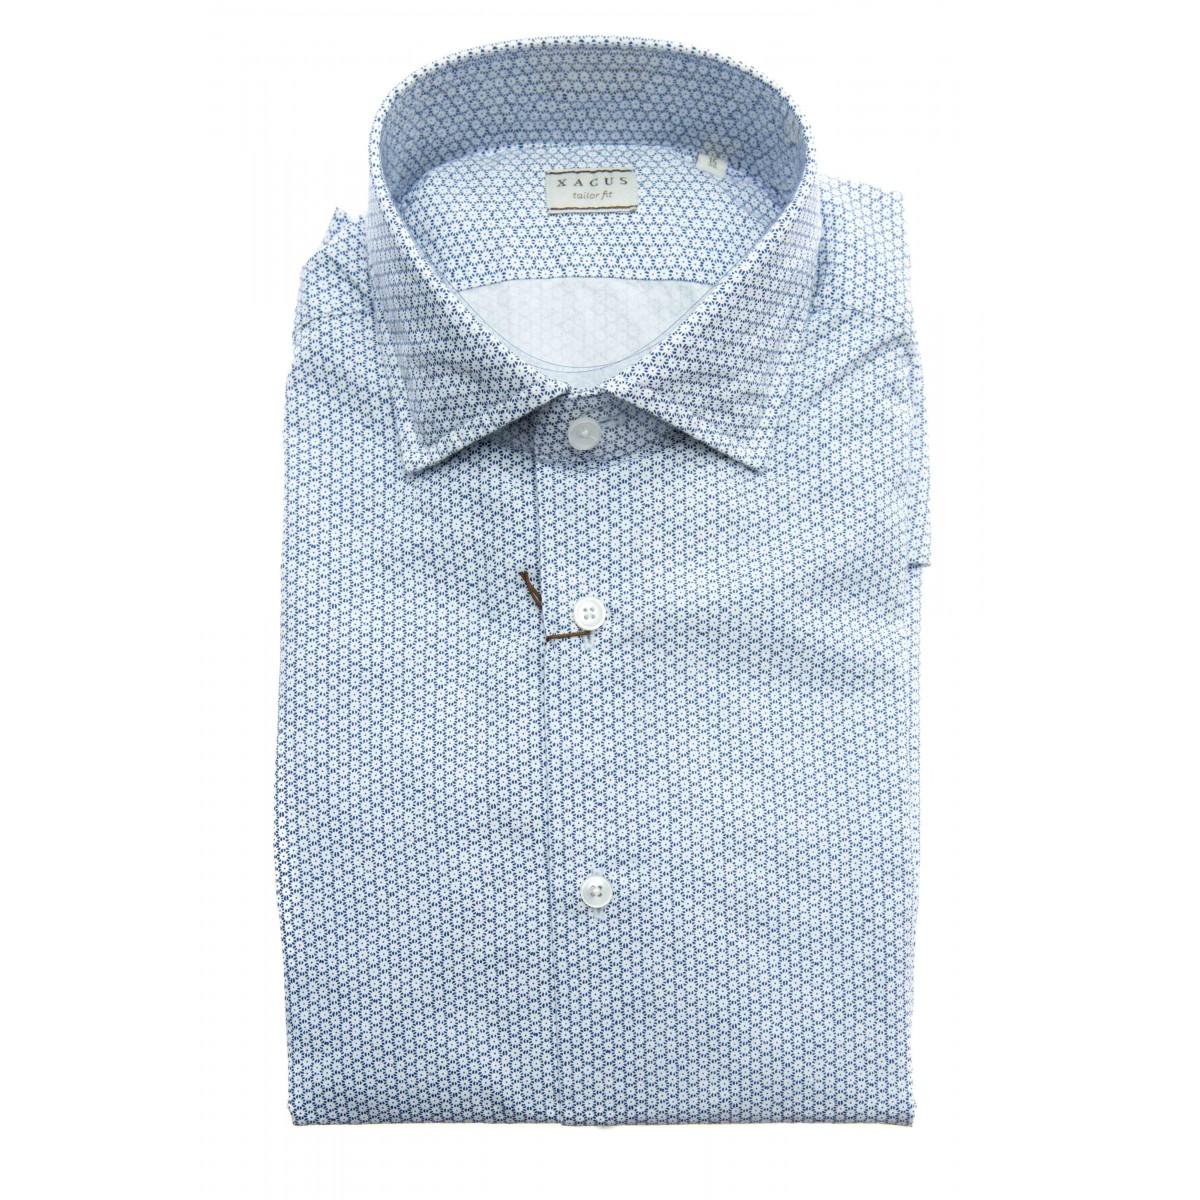 Camicia uomo - 748 41528 stampa su popeline